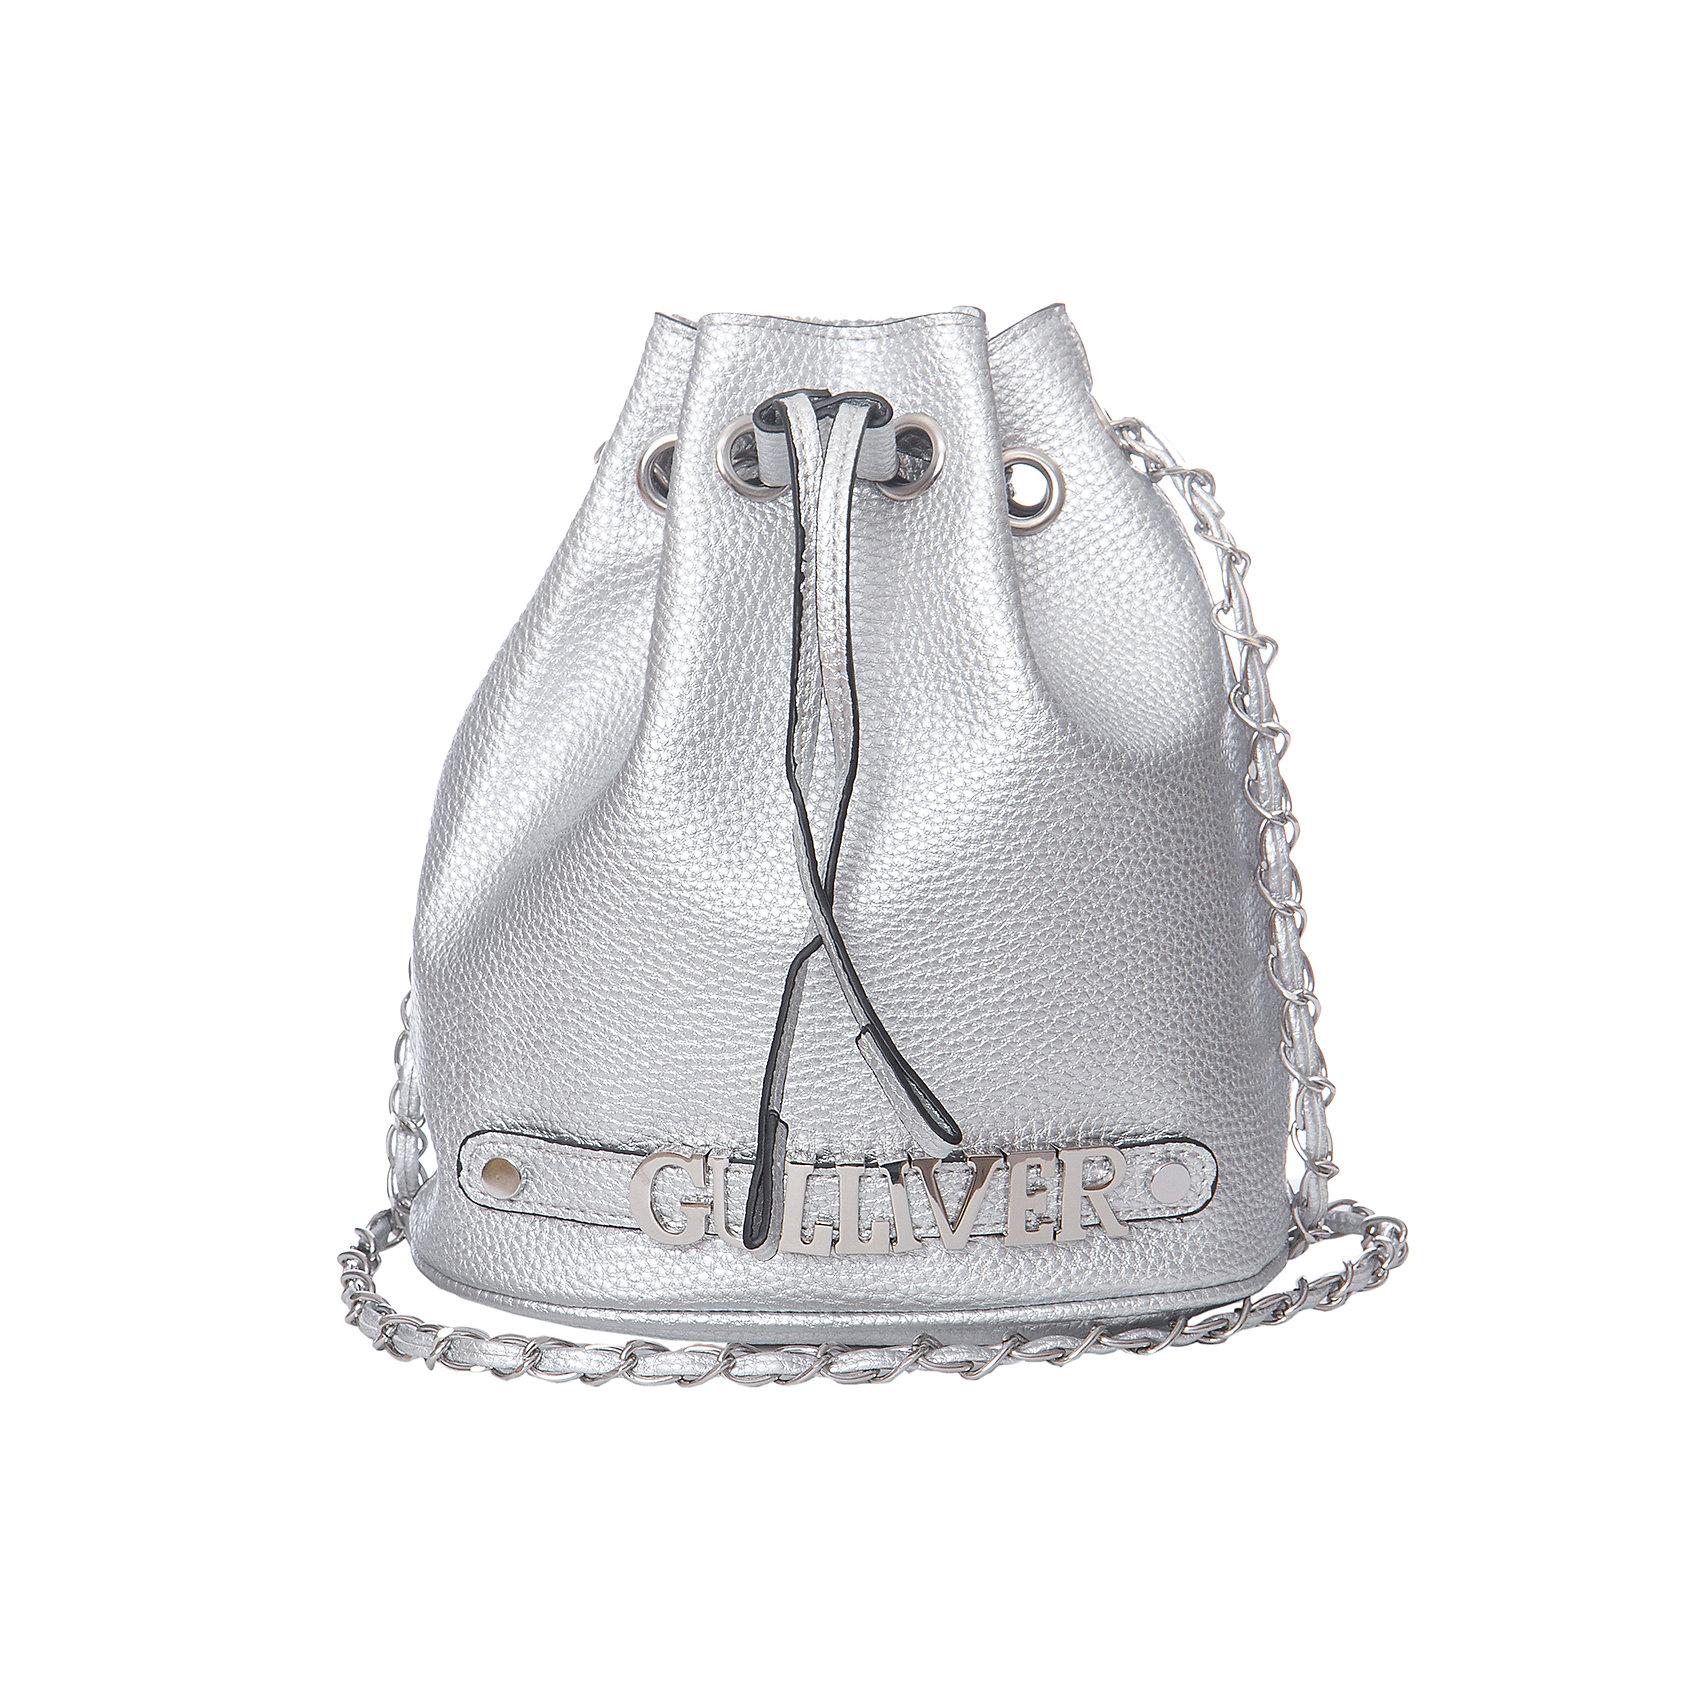 Сумка для девочки GulliverСумки и рюкзаки<br>Модная серебристая сумка для девочки - отличное дополнение и к повседневному, и к нарядному образу. Сумка в форме кисета - тренд сезона Весна/Лето 2017! Несмотря на небольшой размер, она вместительна, что значительно расширяет возможности ее использования. Сумка эффектно оформлена металлическими буквами GULLIVER. Это придает модели особый шарм и дарит яркие индивидуальные черты!<br>Состав:<br>100% полиуретан<br><br>Ширина мм: 227<br>Глубина мм: 11<br>Высота мм: 226<br>Вес г: 350<br>Цвет: серый<br>Возраст от месяцев: 84<br>Возраст до месяцев: 180<br>Пол: Женский<br>Возраст: Детский<br>Размер: one size<br>SKU: 5483465